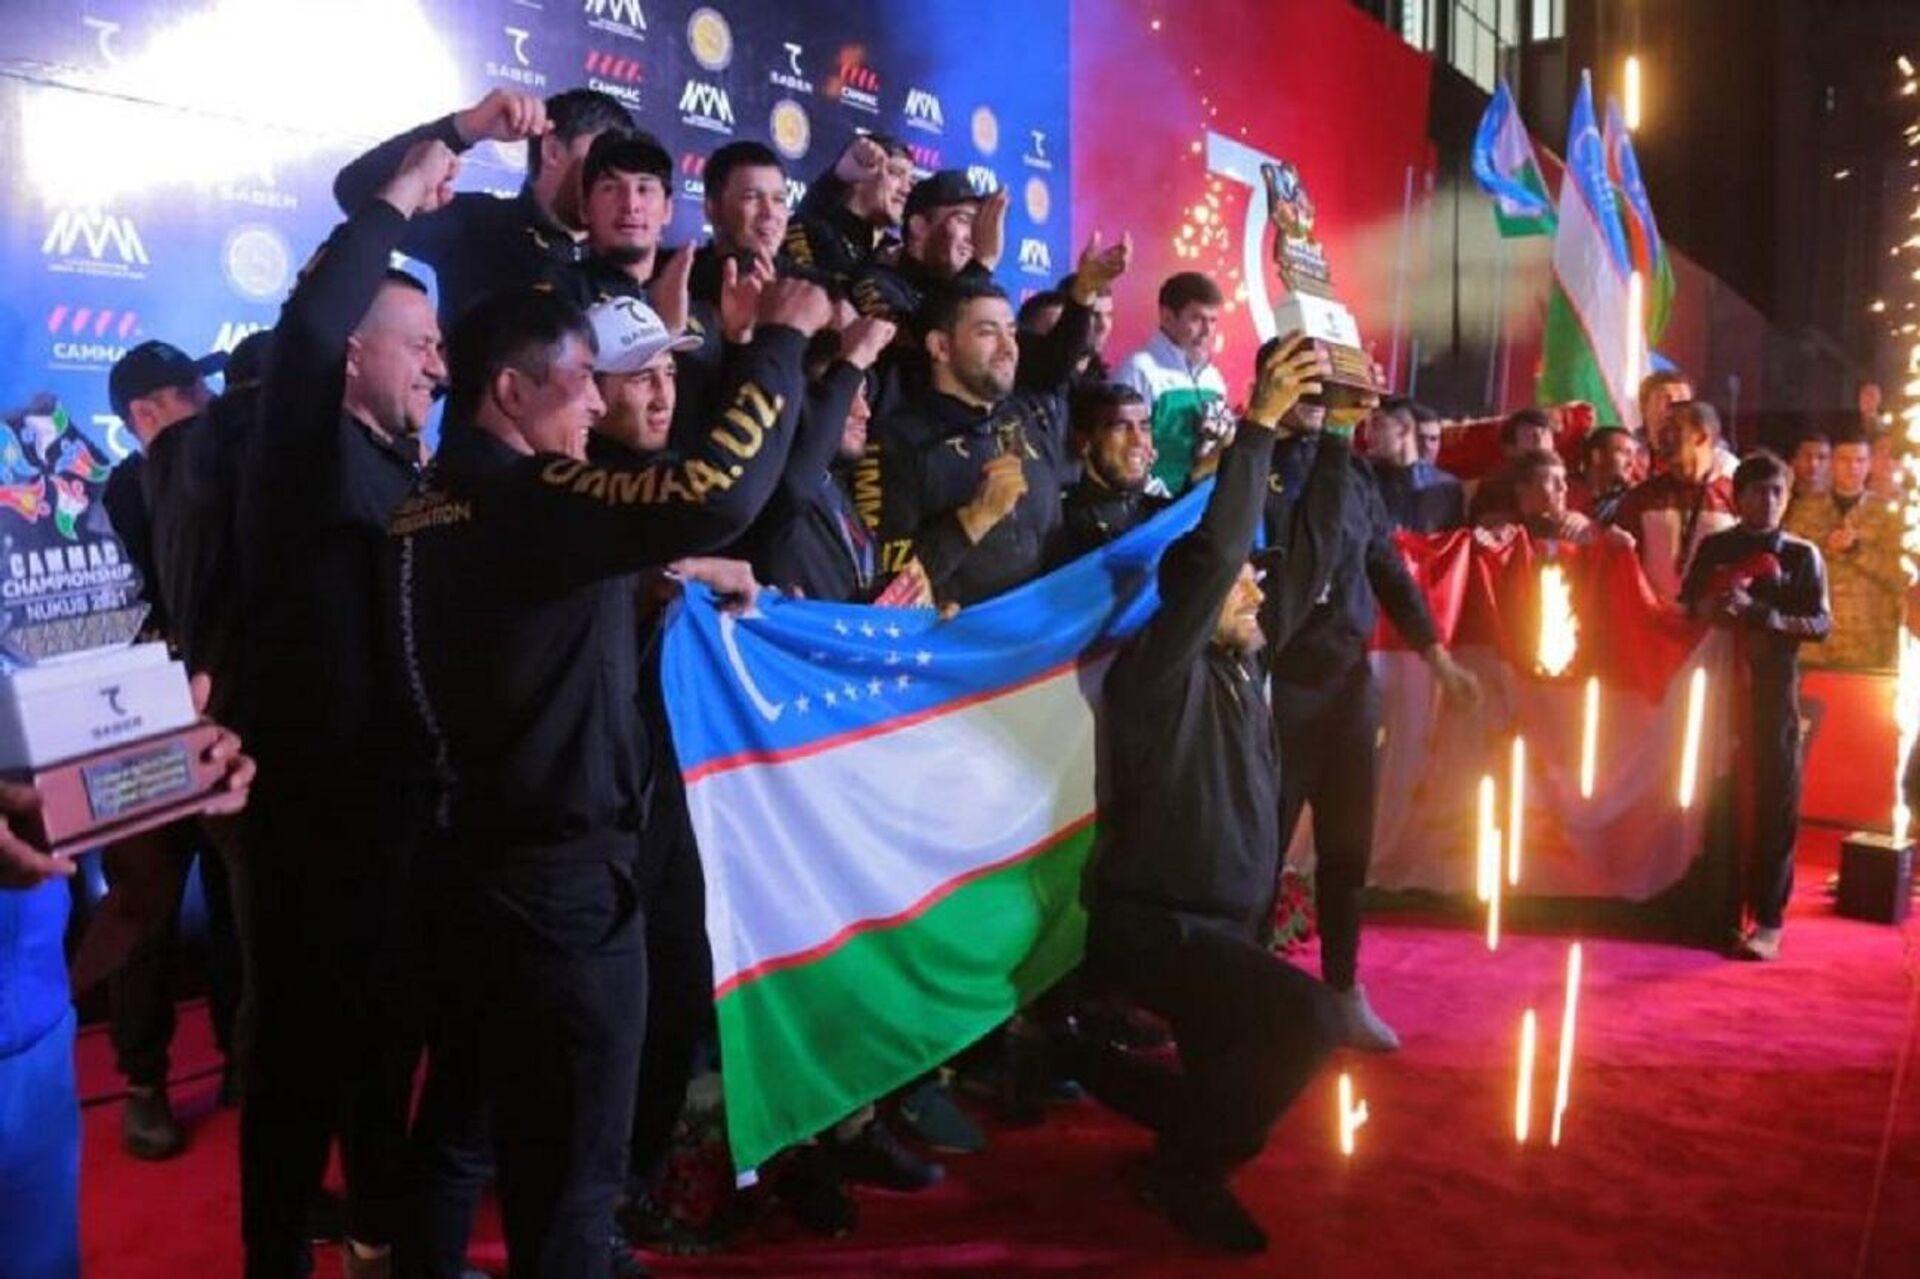 В Нукусе завершился чемпионат Центральной Азии по смешанным боевым искусствам - Sputnik Узбекистан, 1920, 11.10.2021